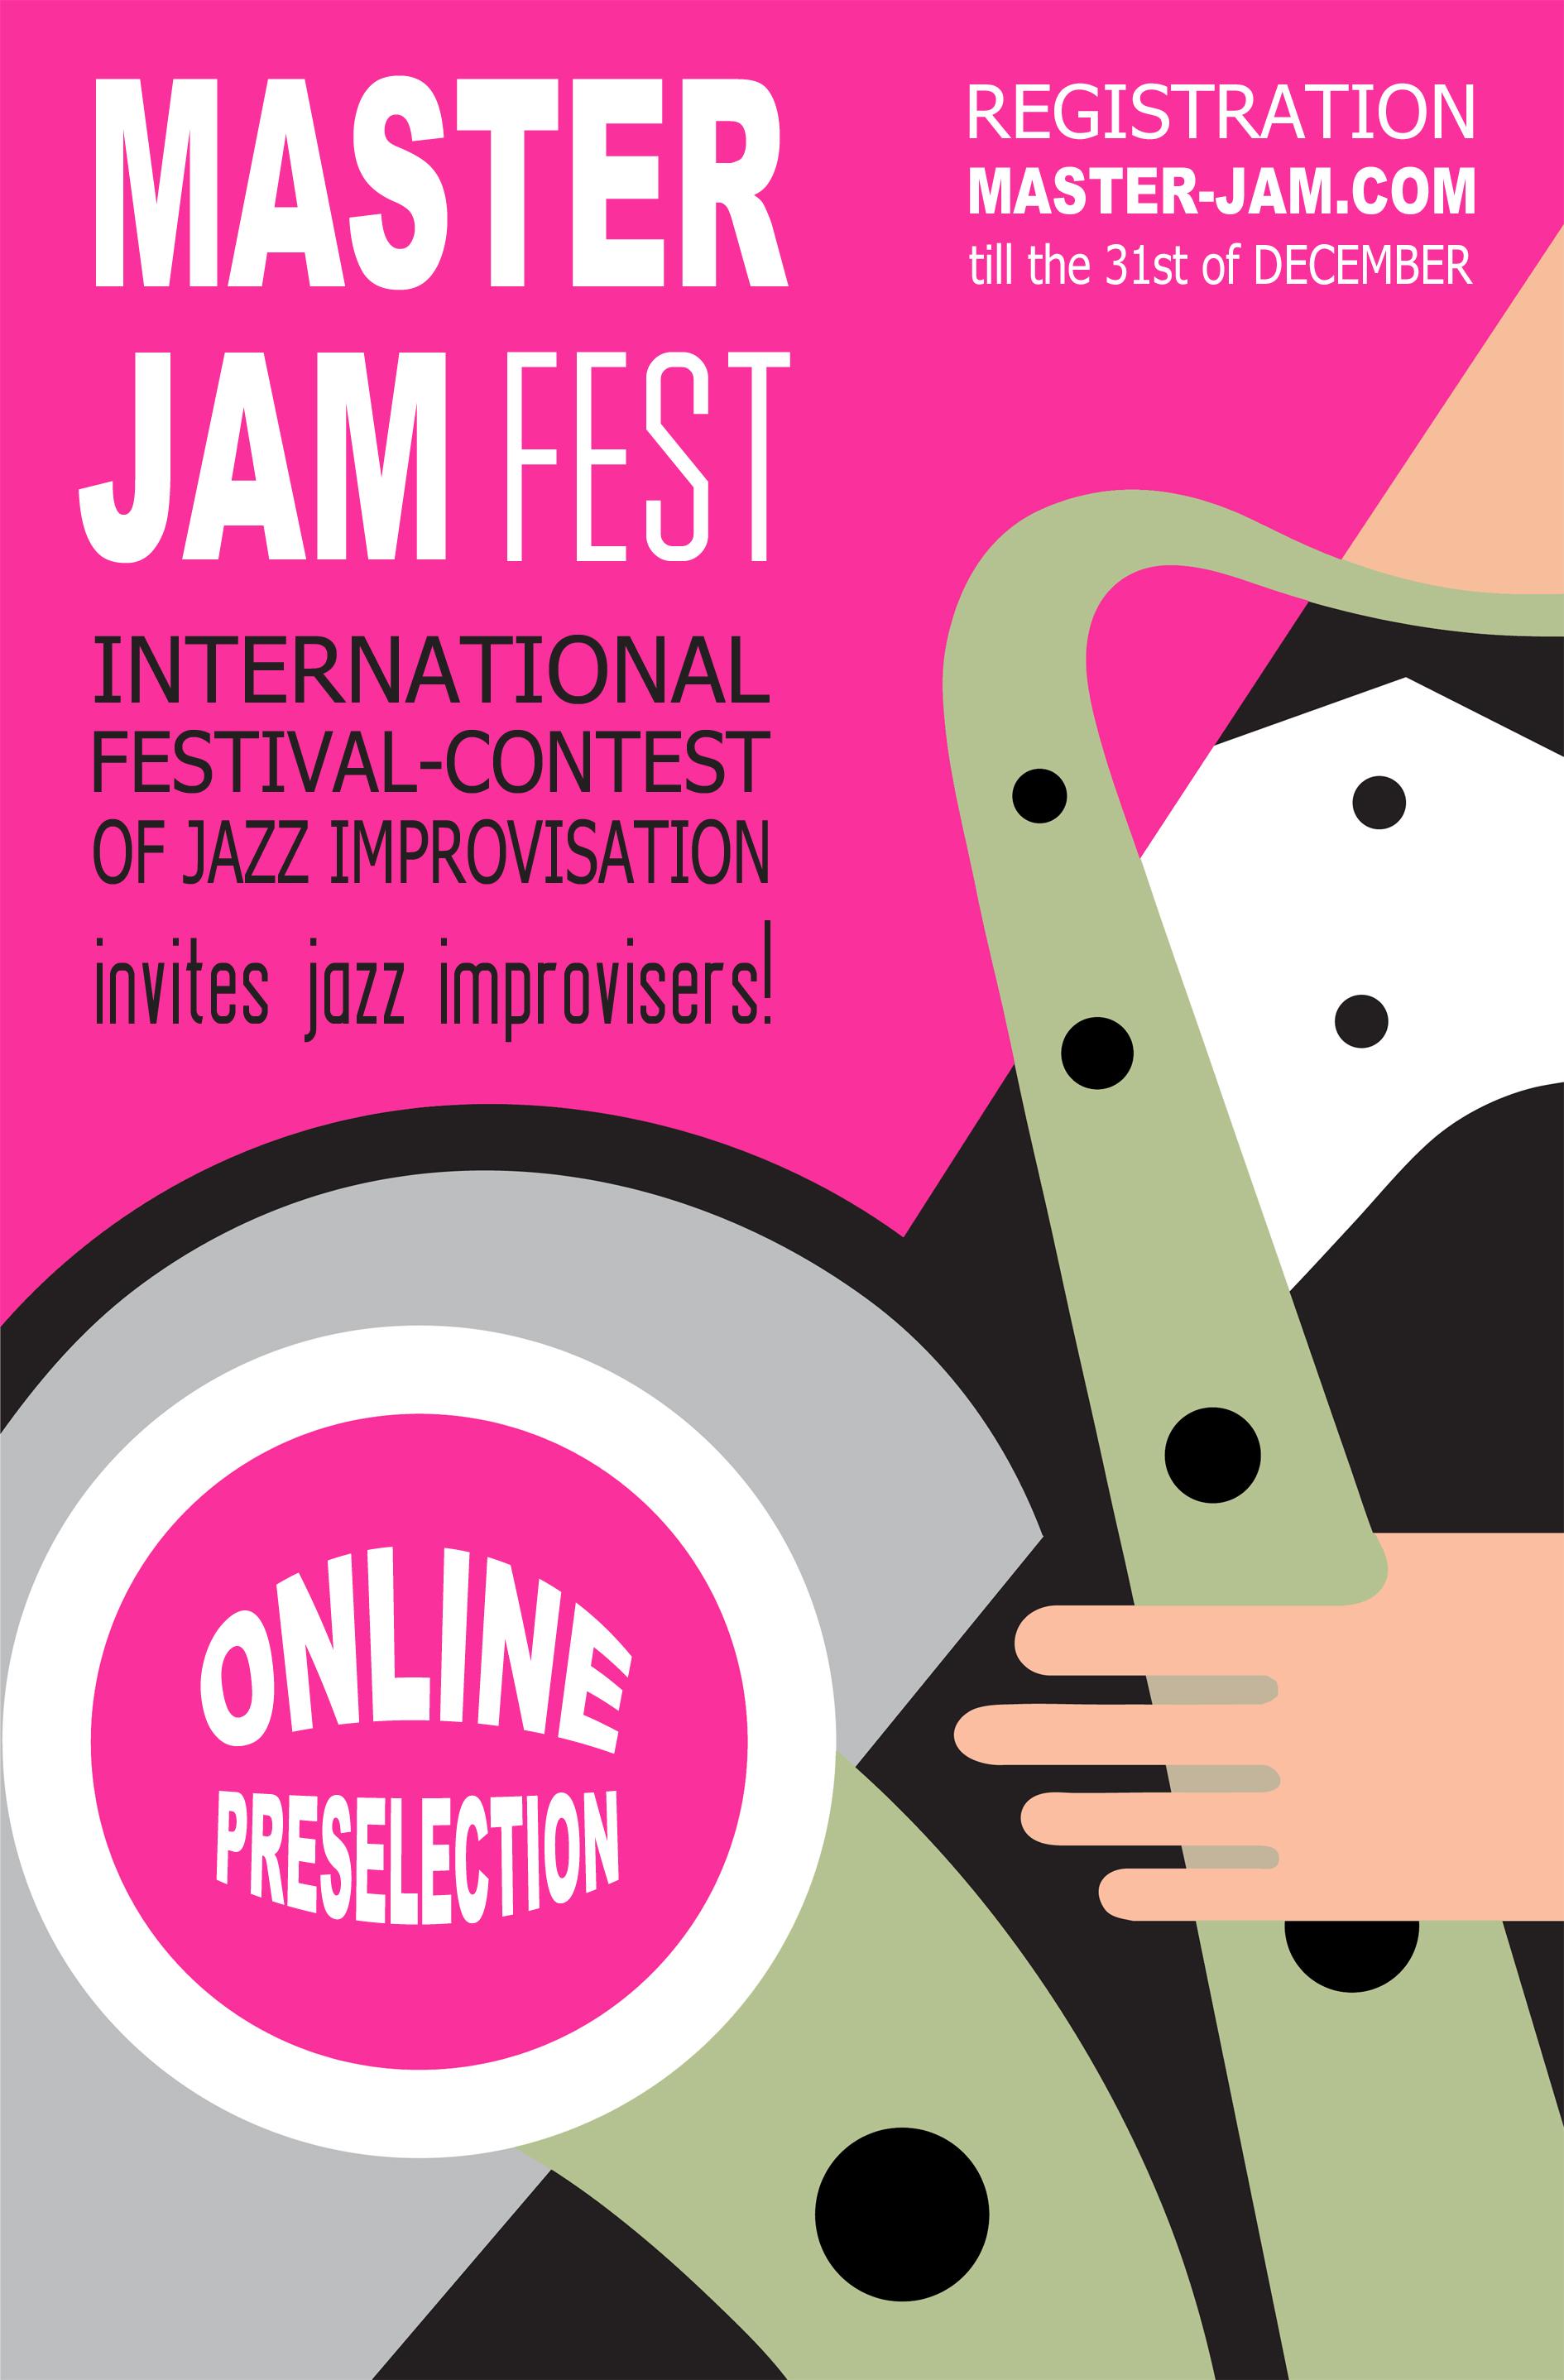 Master Jam Fest Online Preselection!